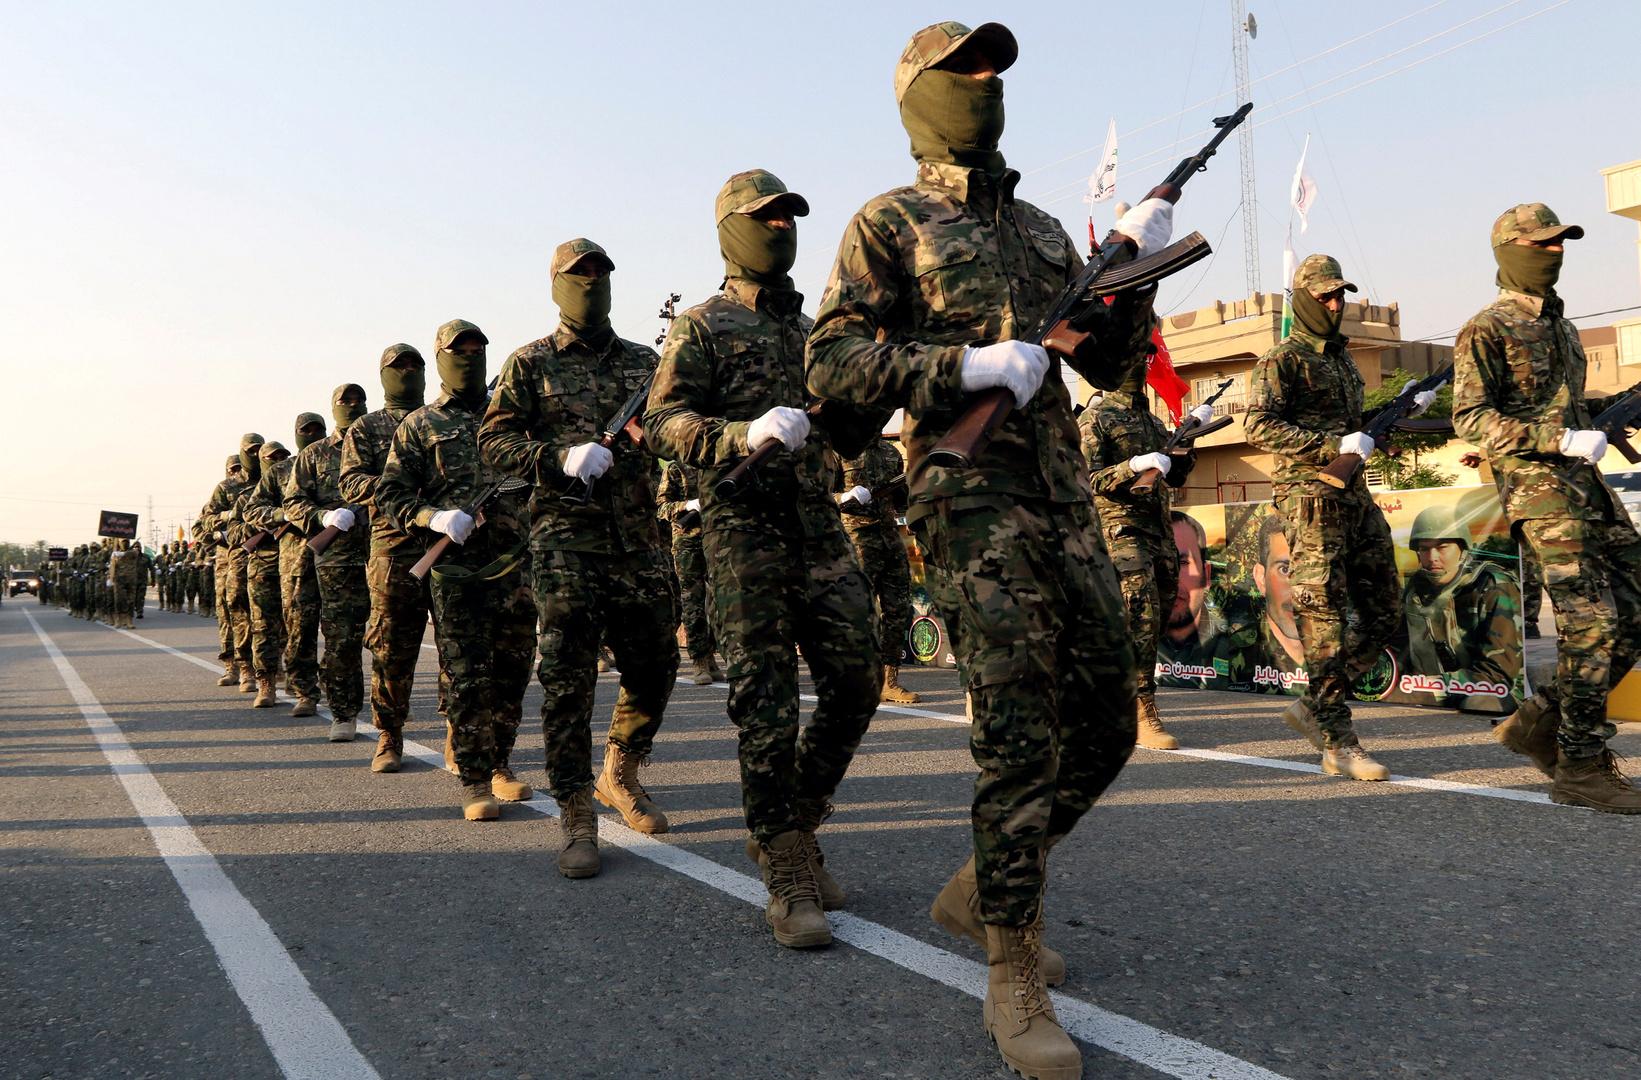 عناصر من الحشد الشعبي العراقي